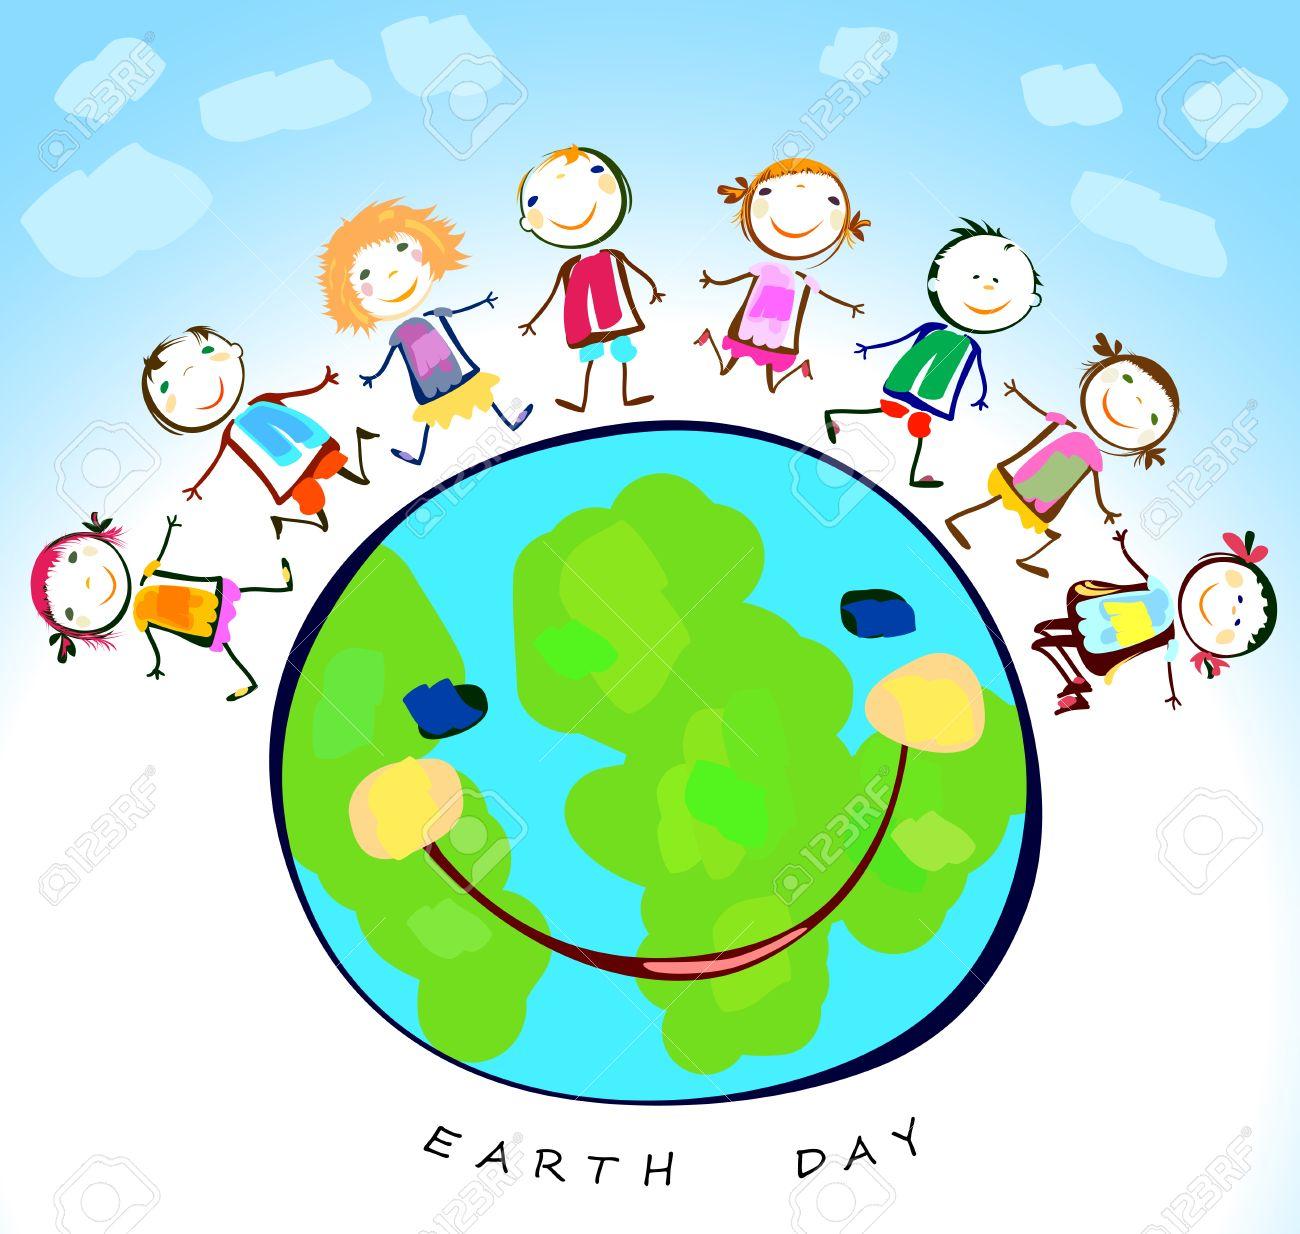 Niños Felices Jugando Alrededor Del Planeta Tierra Ilustraciones ...